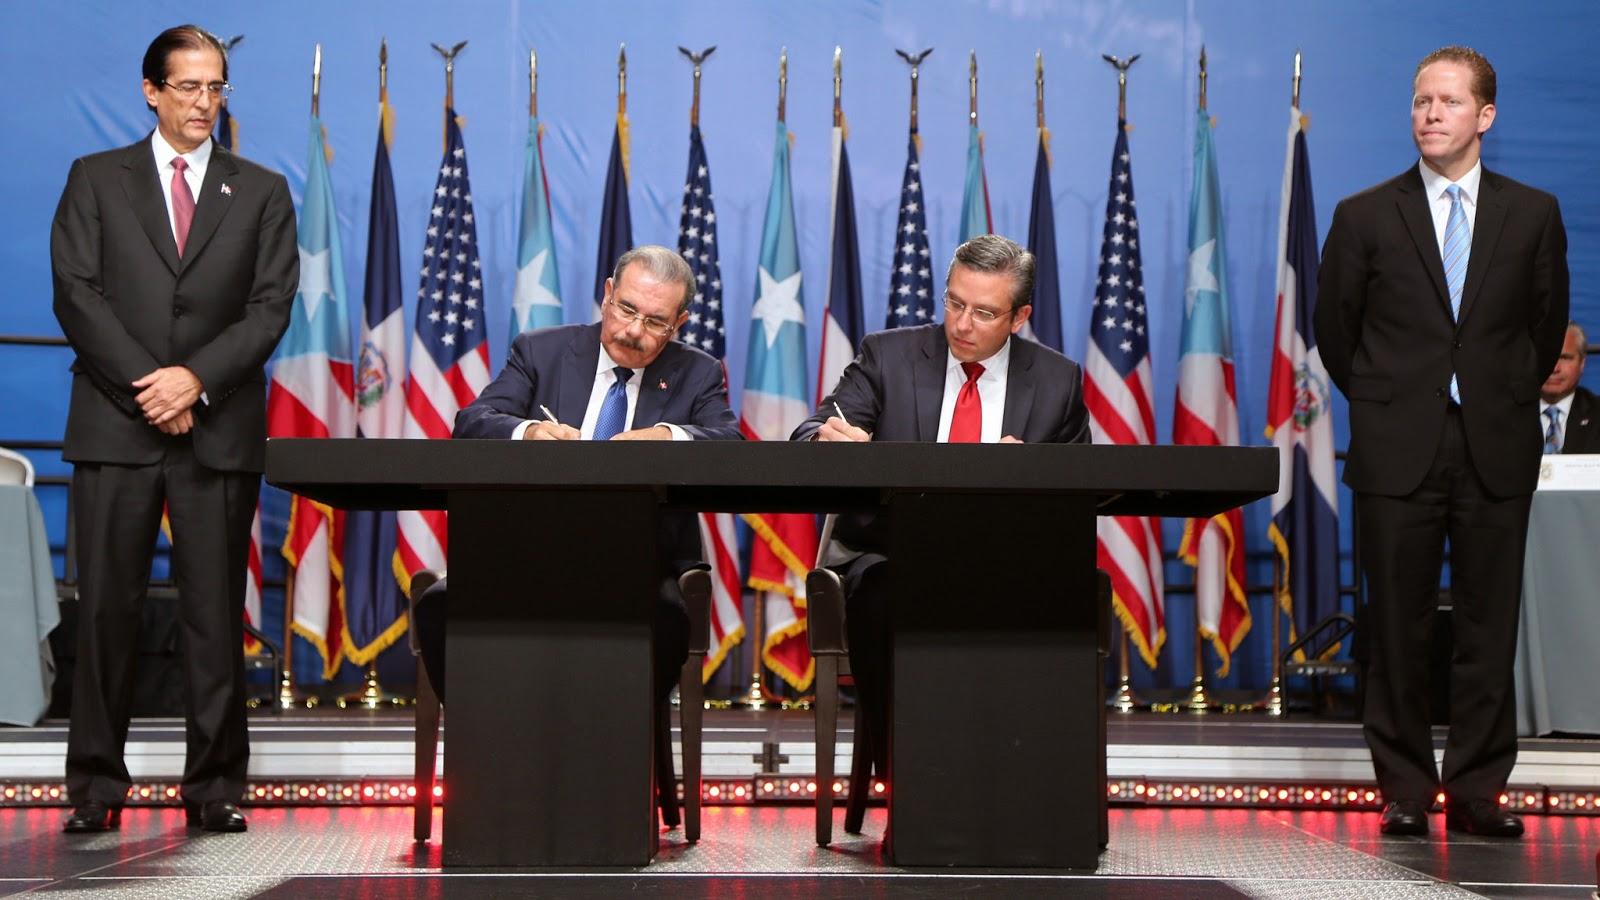 El presidente Danilo Medina y el gobernador de Puerto Rico, Alejandro García Padilla, durante la firma de los 11 convenios bilaterales.